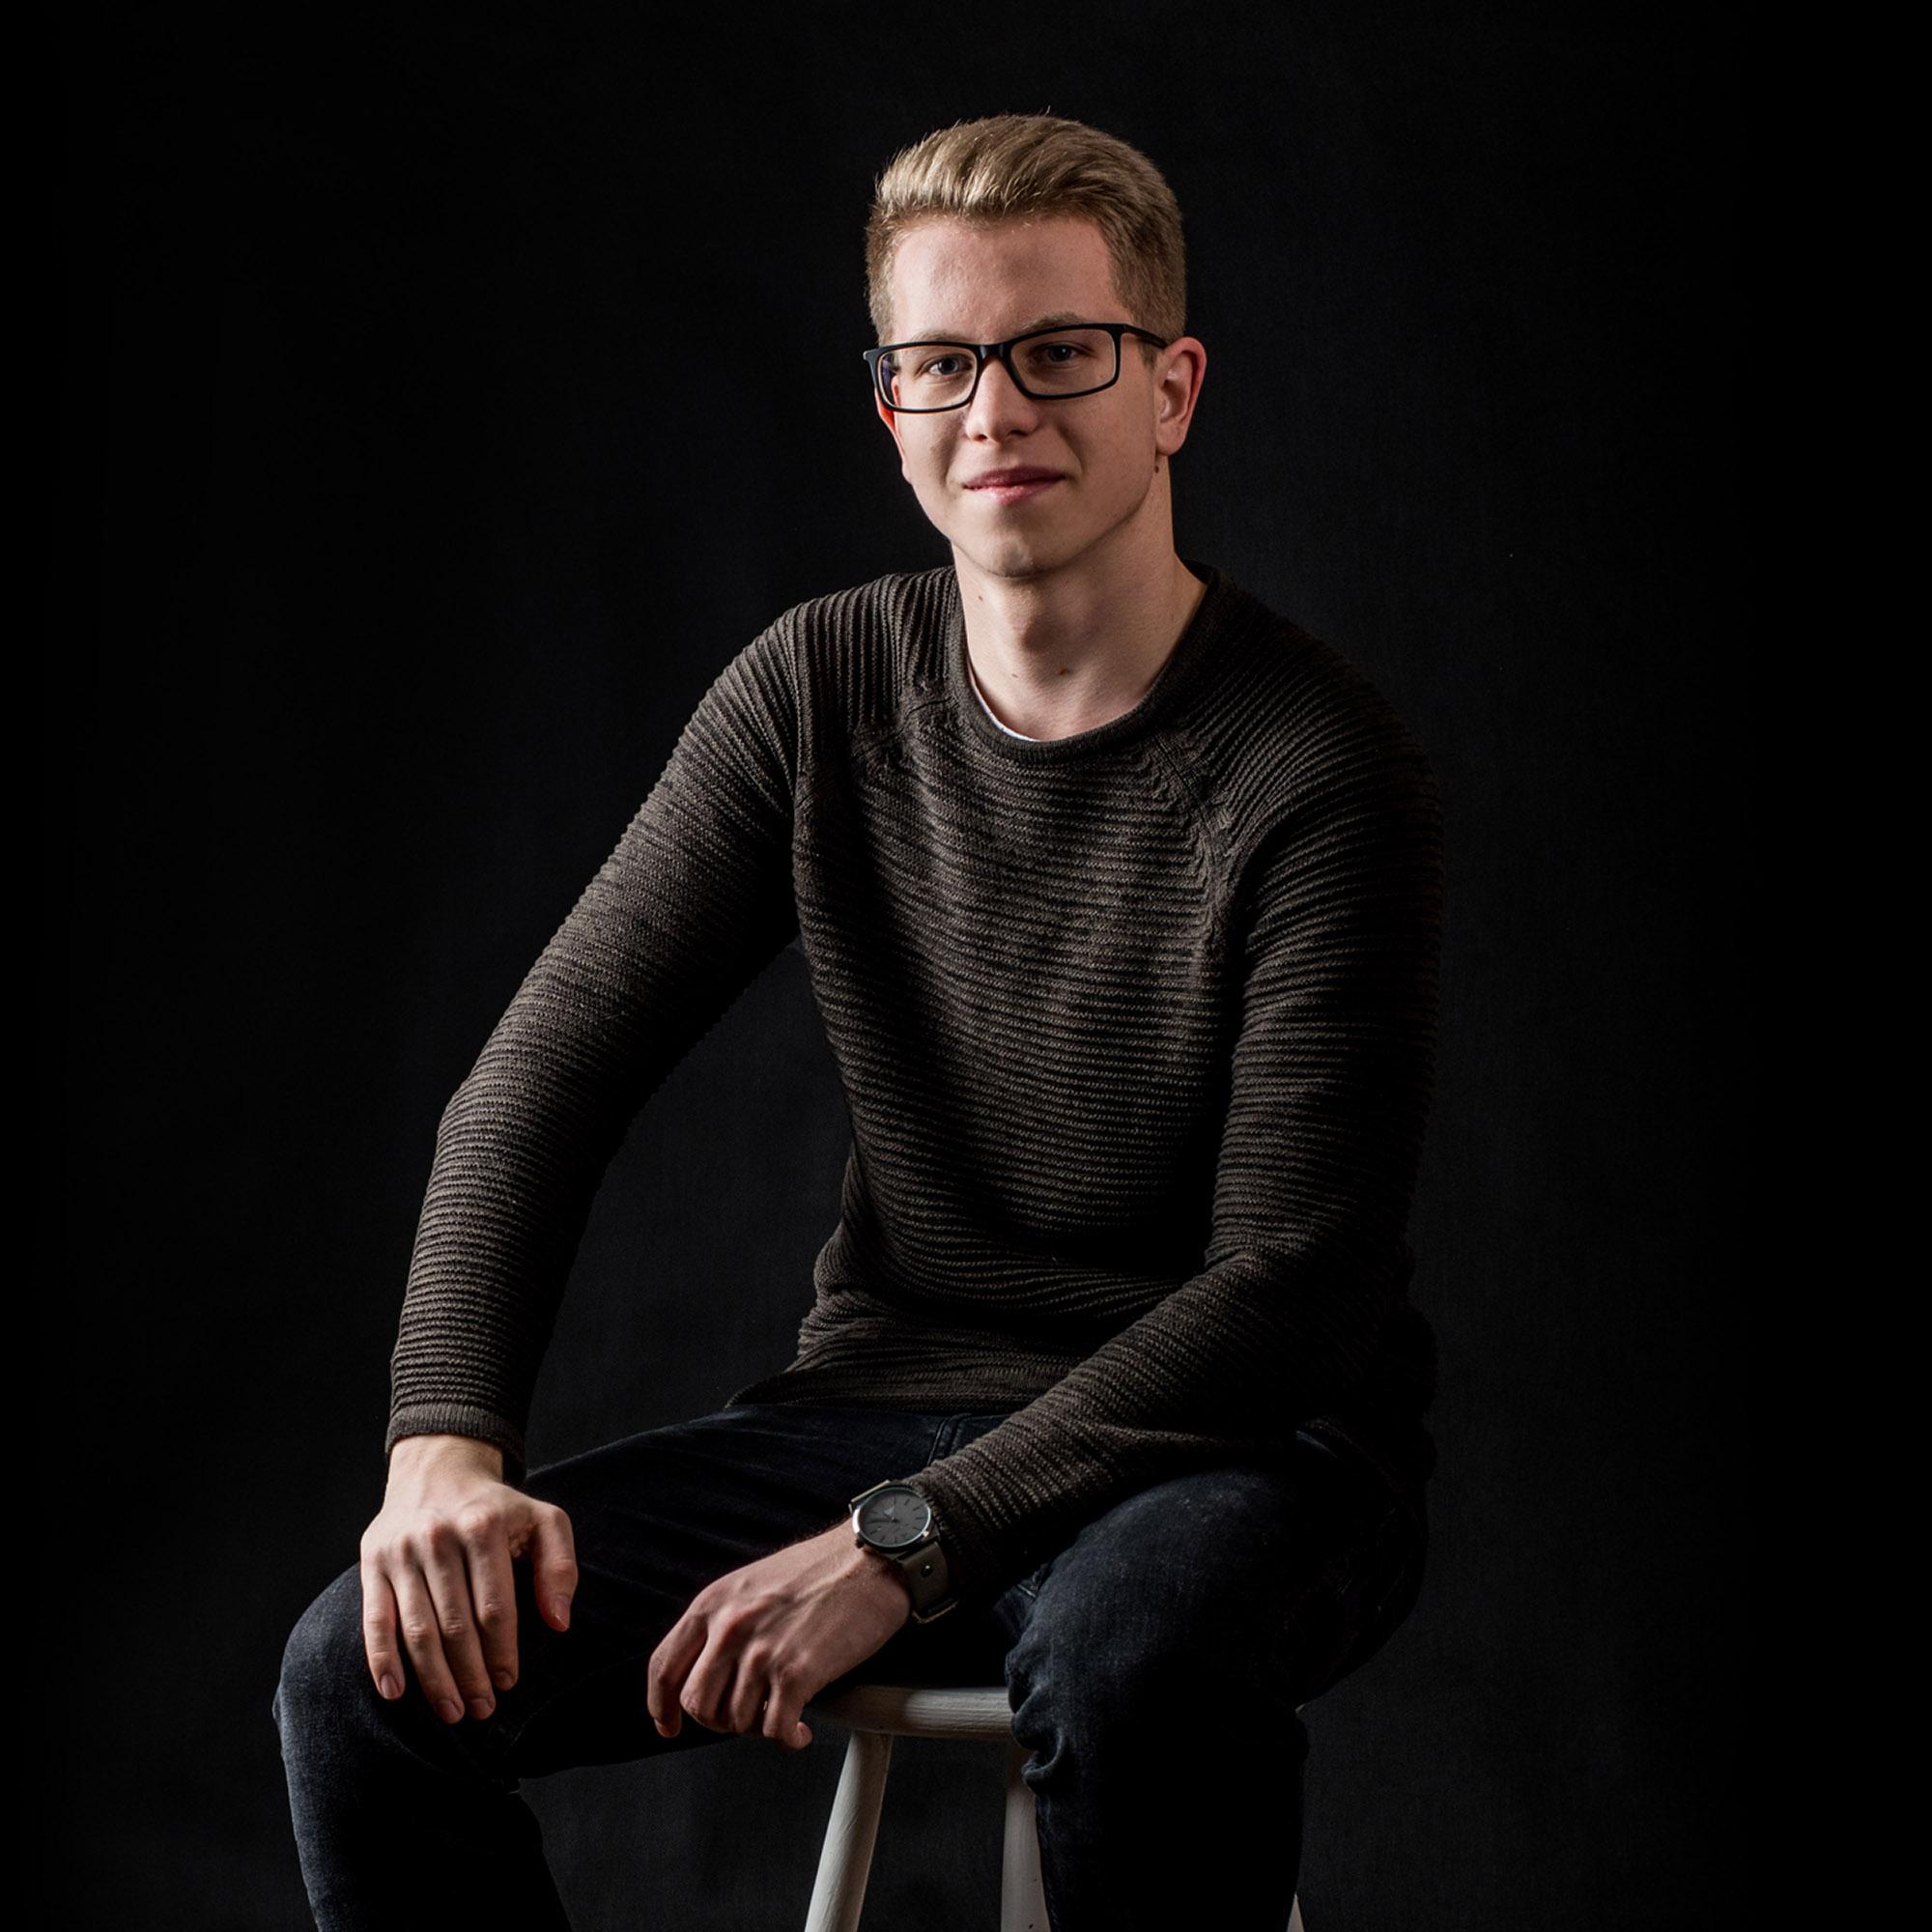 férfi portré fotós